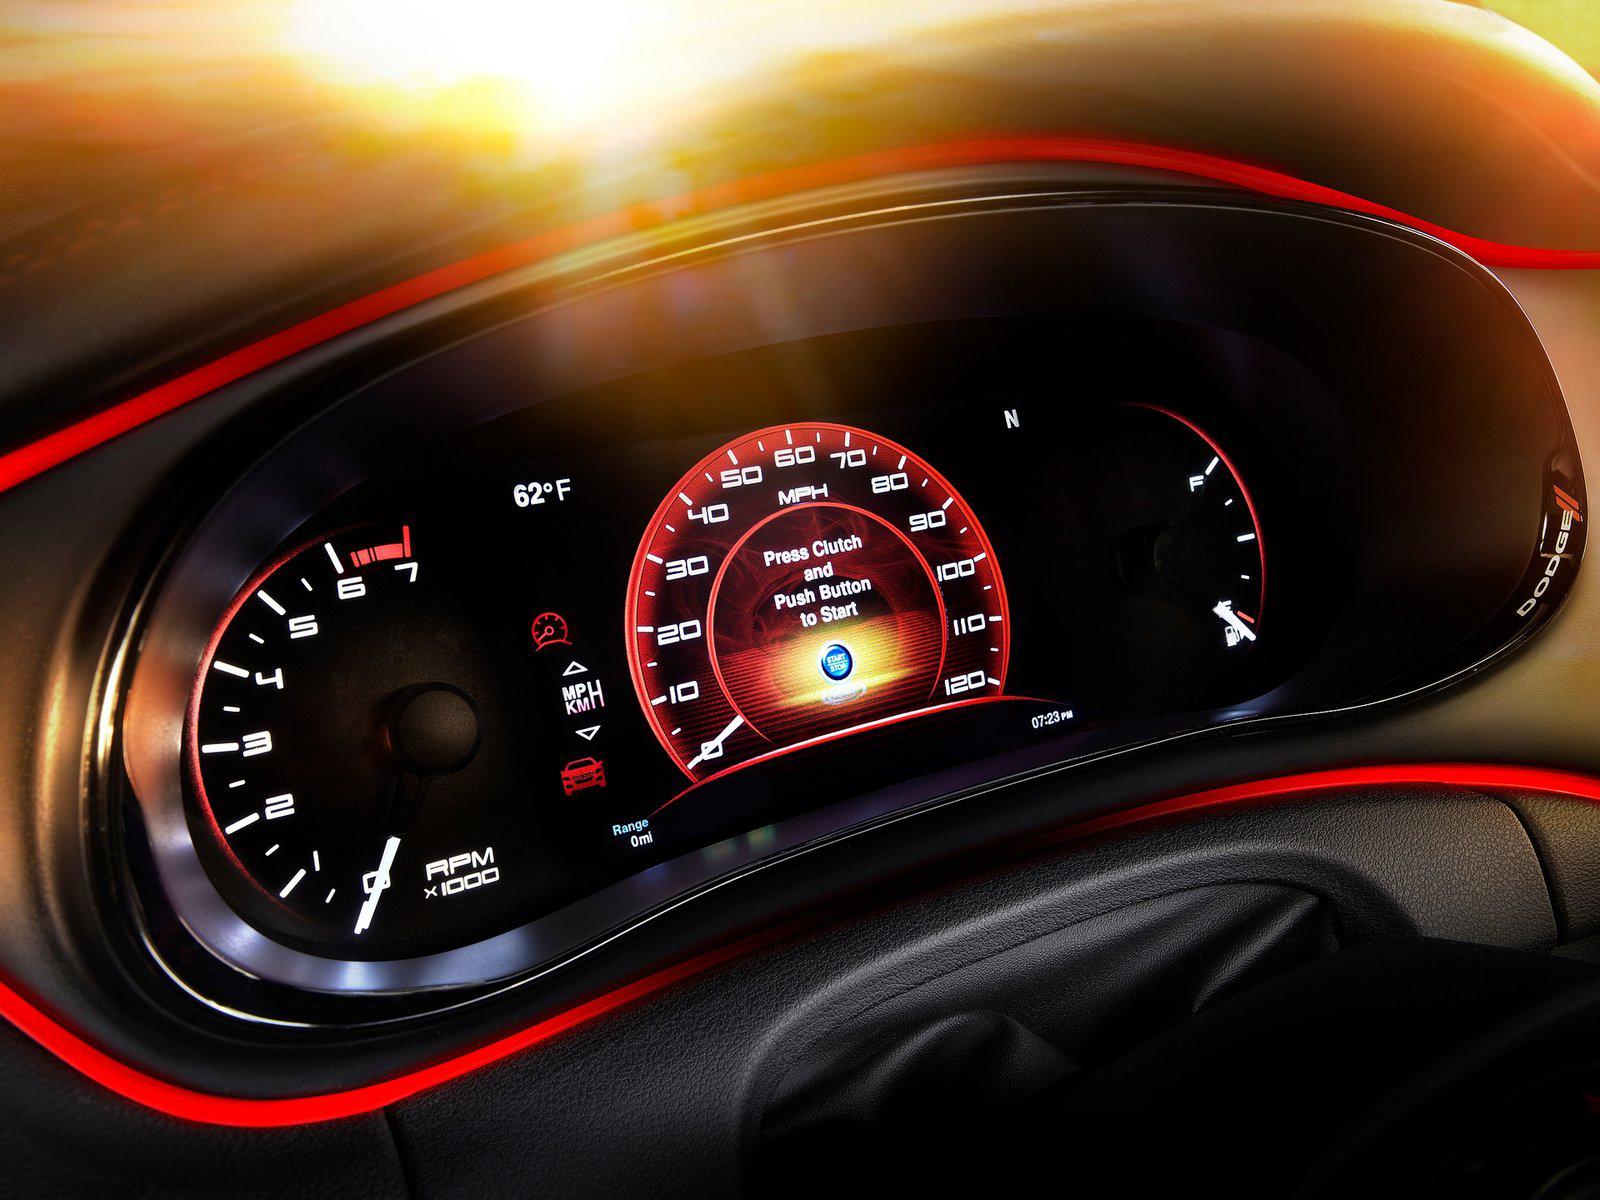 2012 Dodge Dart Premium gauge design